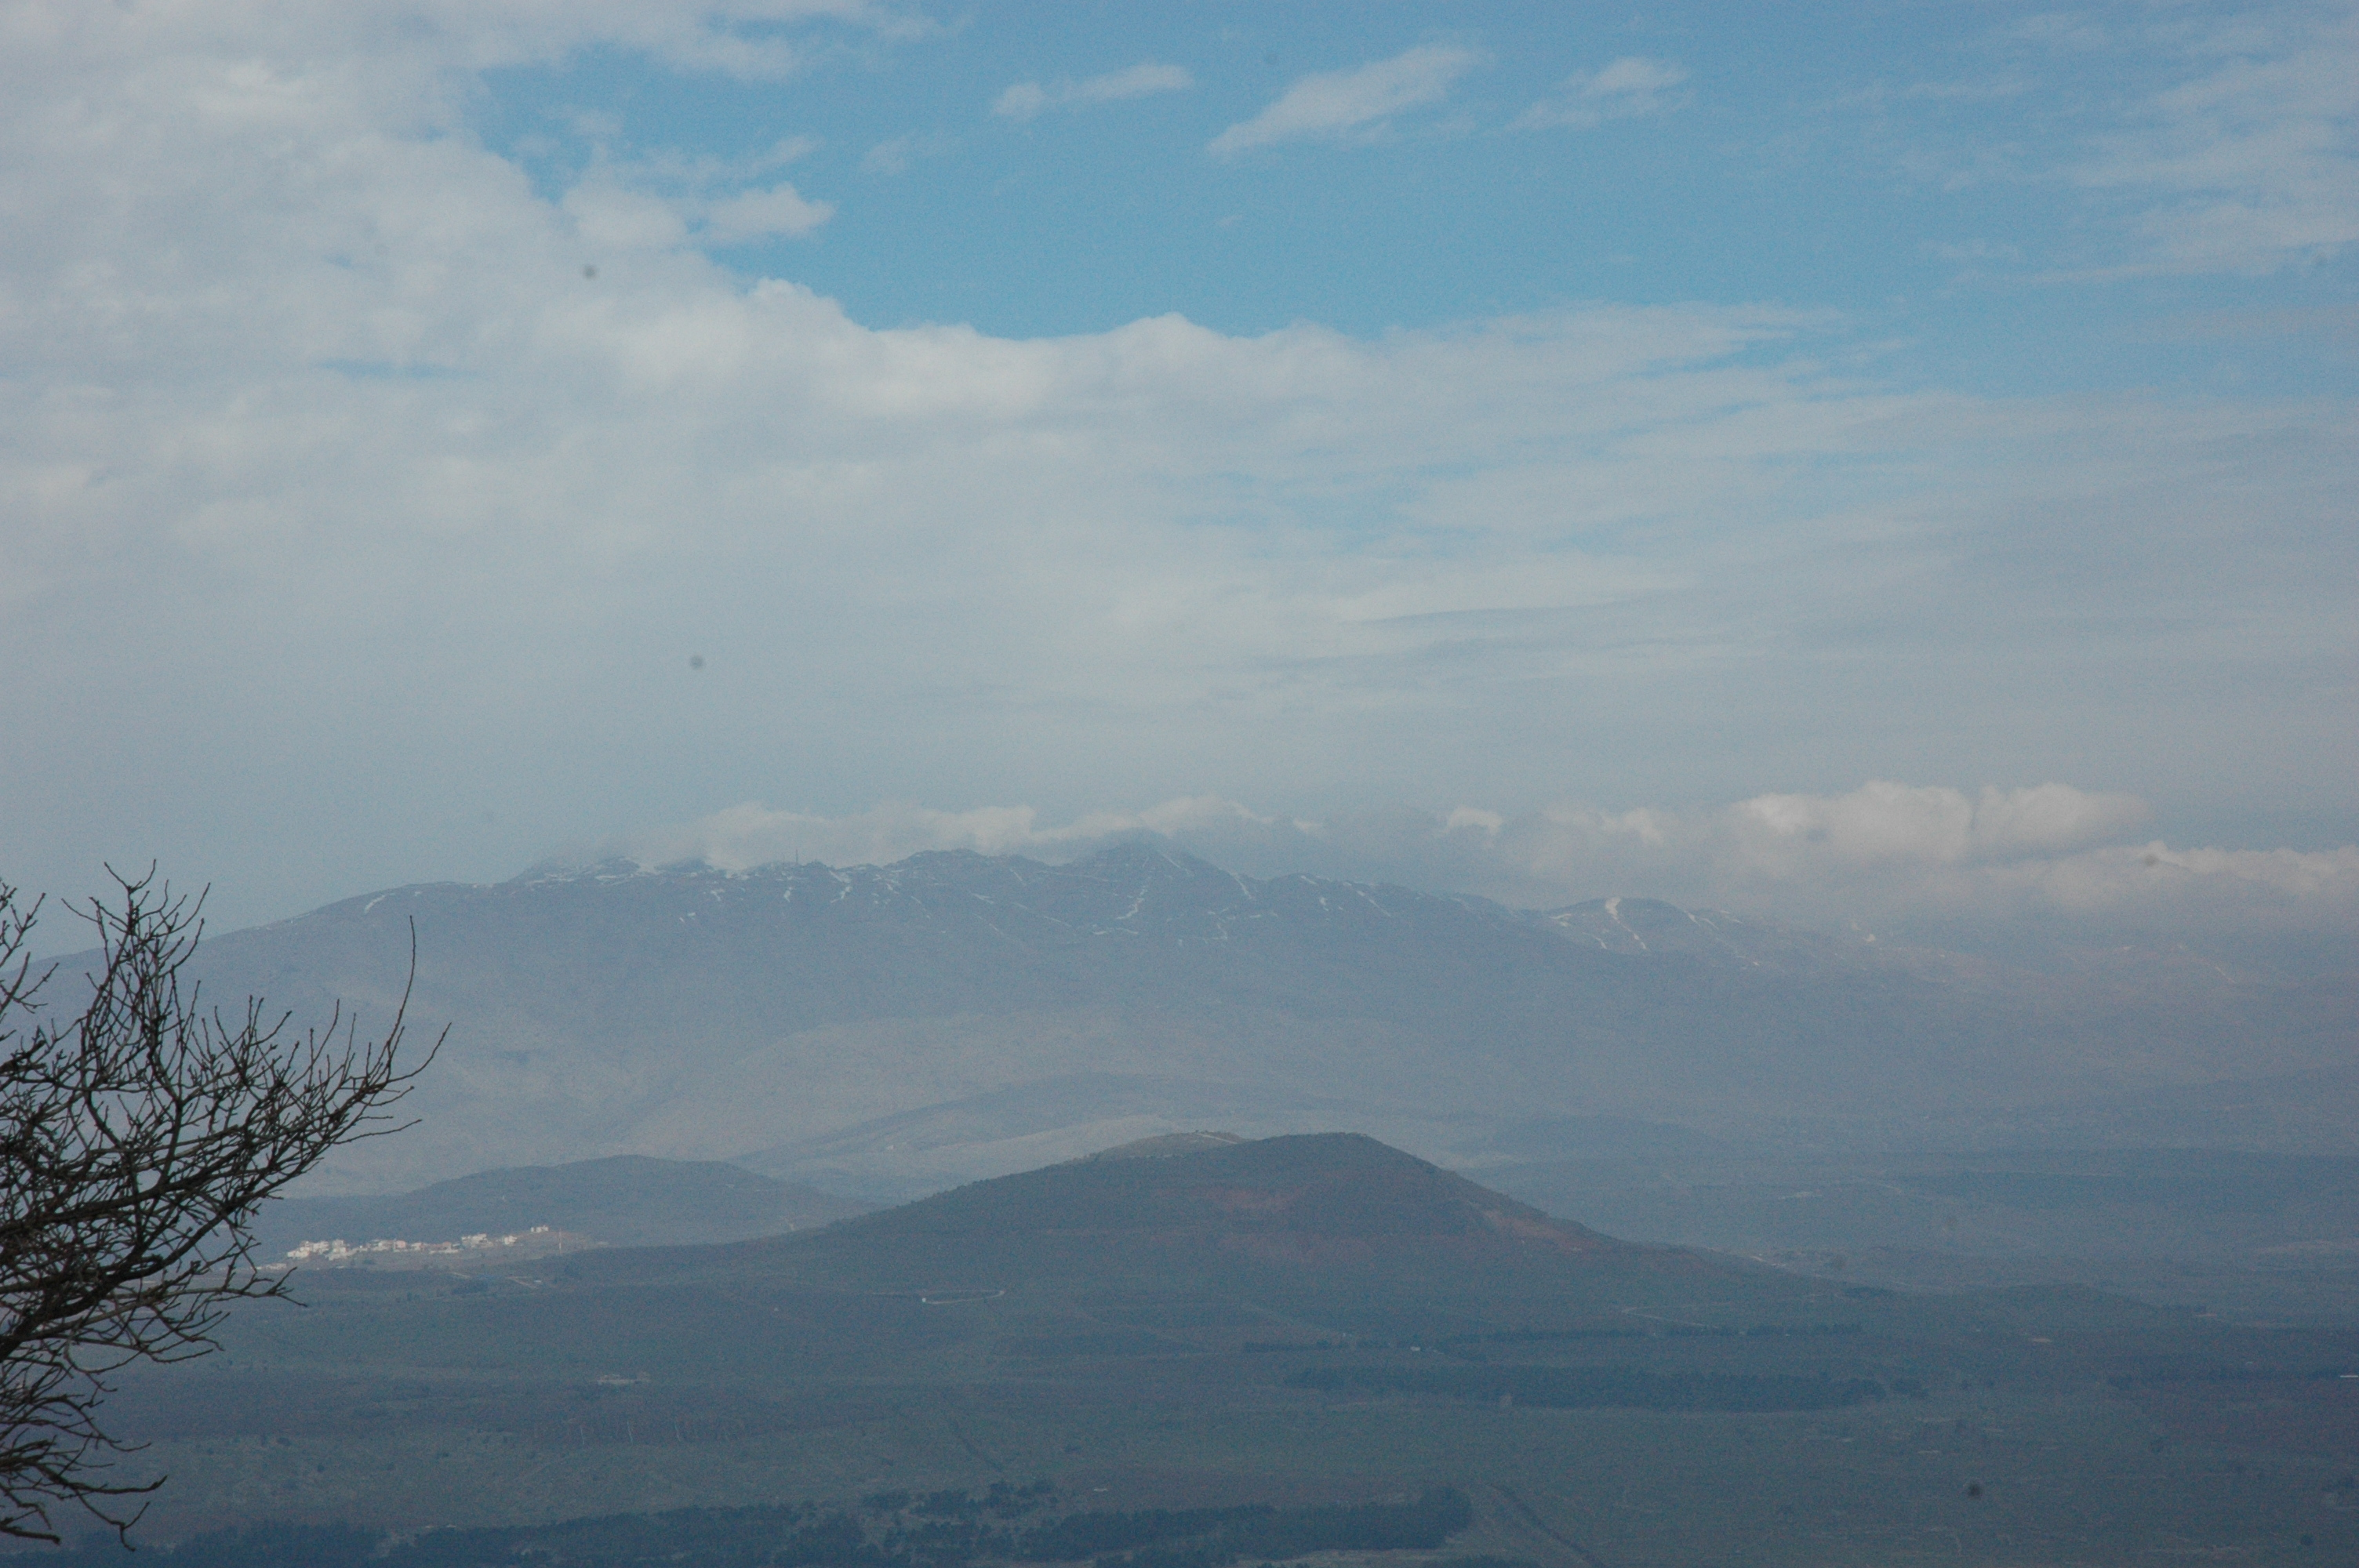 Mount Hermon